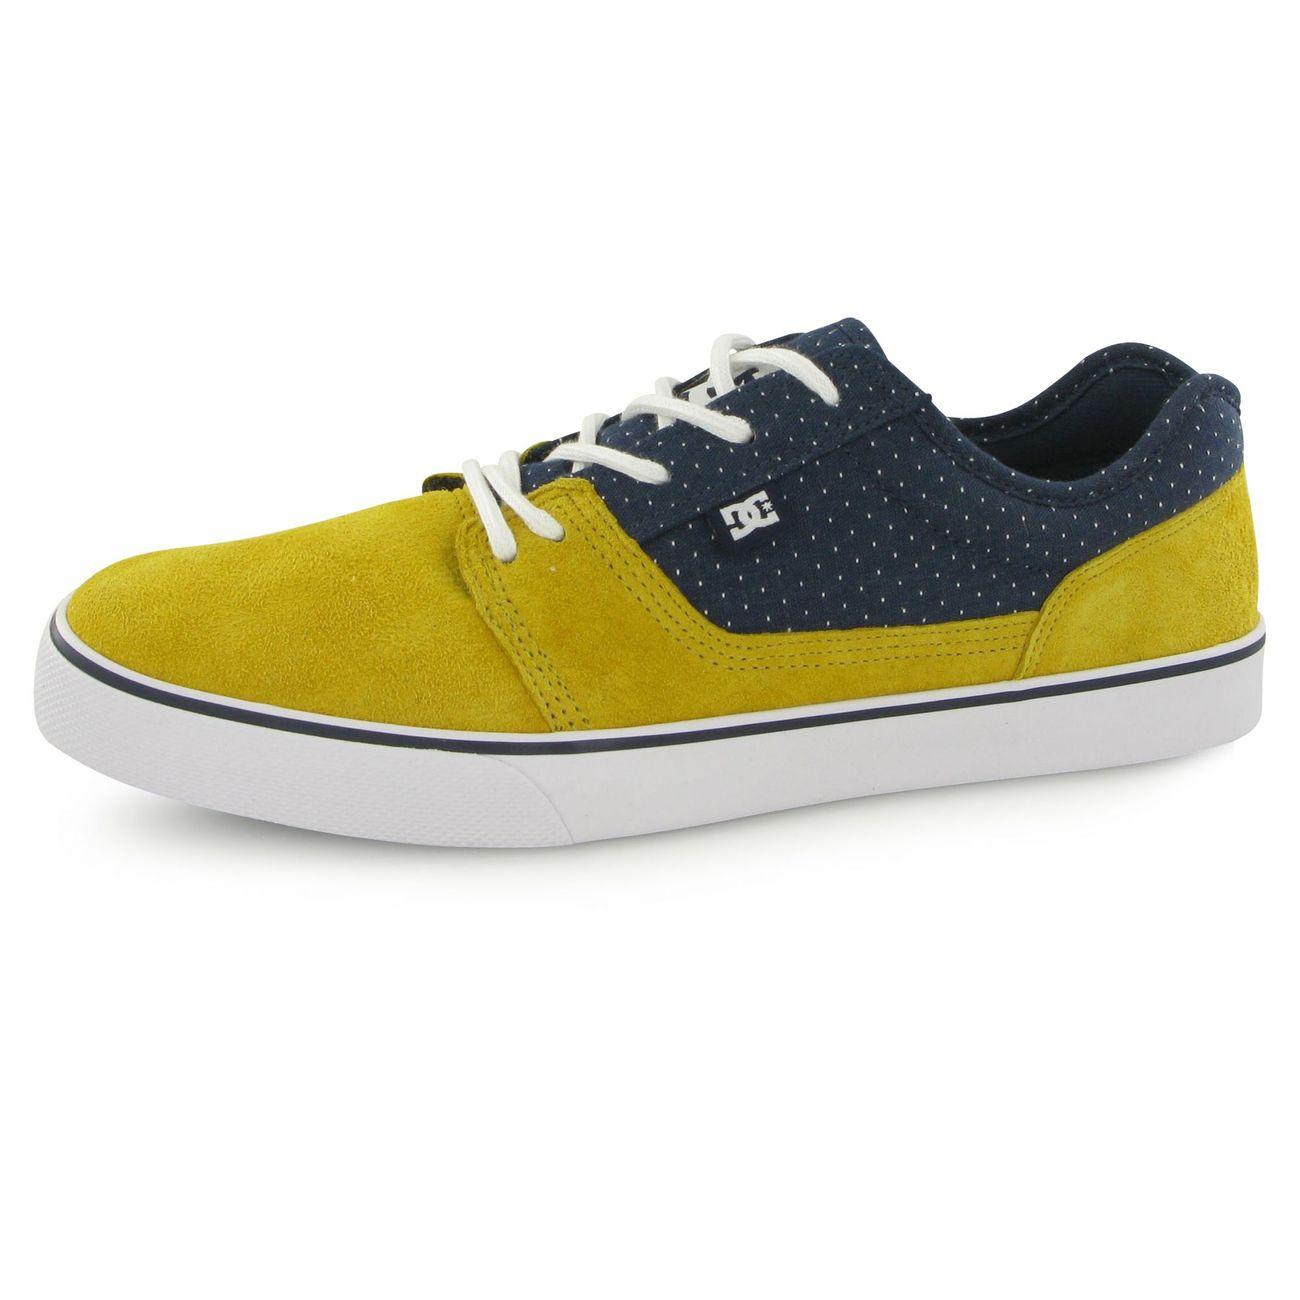 Dc Se menuisier Shoes Rs5fx Baskets Tonik Jaune Homme Retentive 0wnOPk